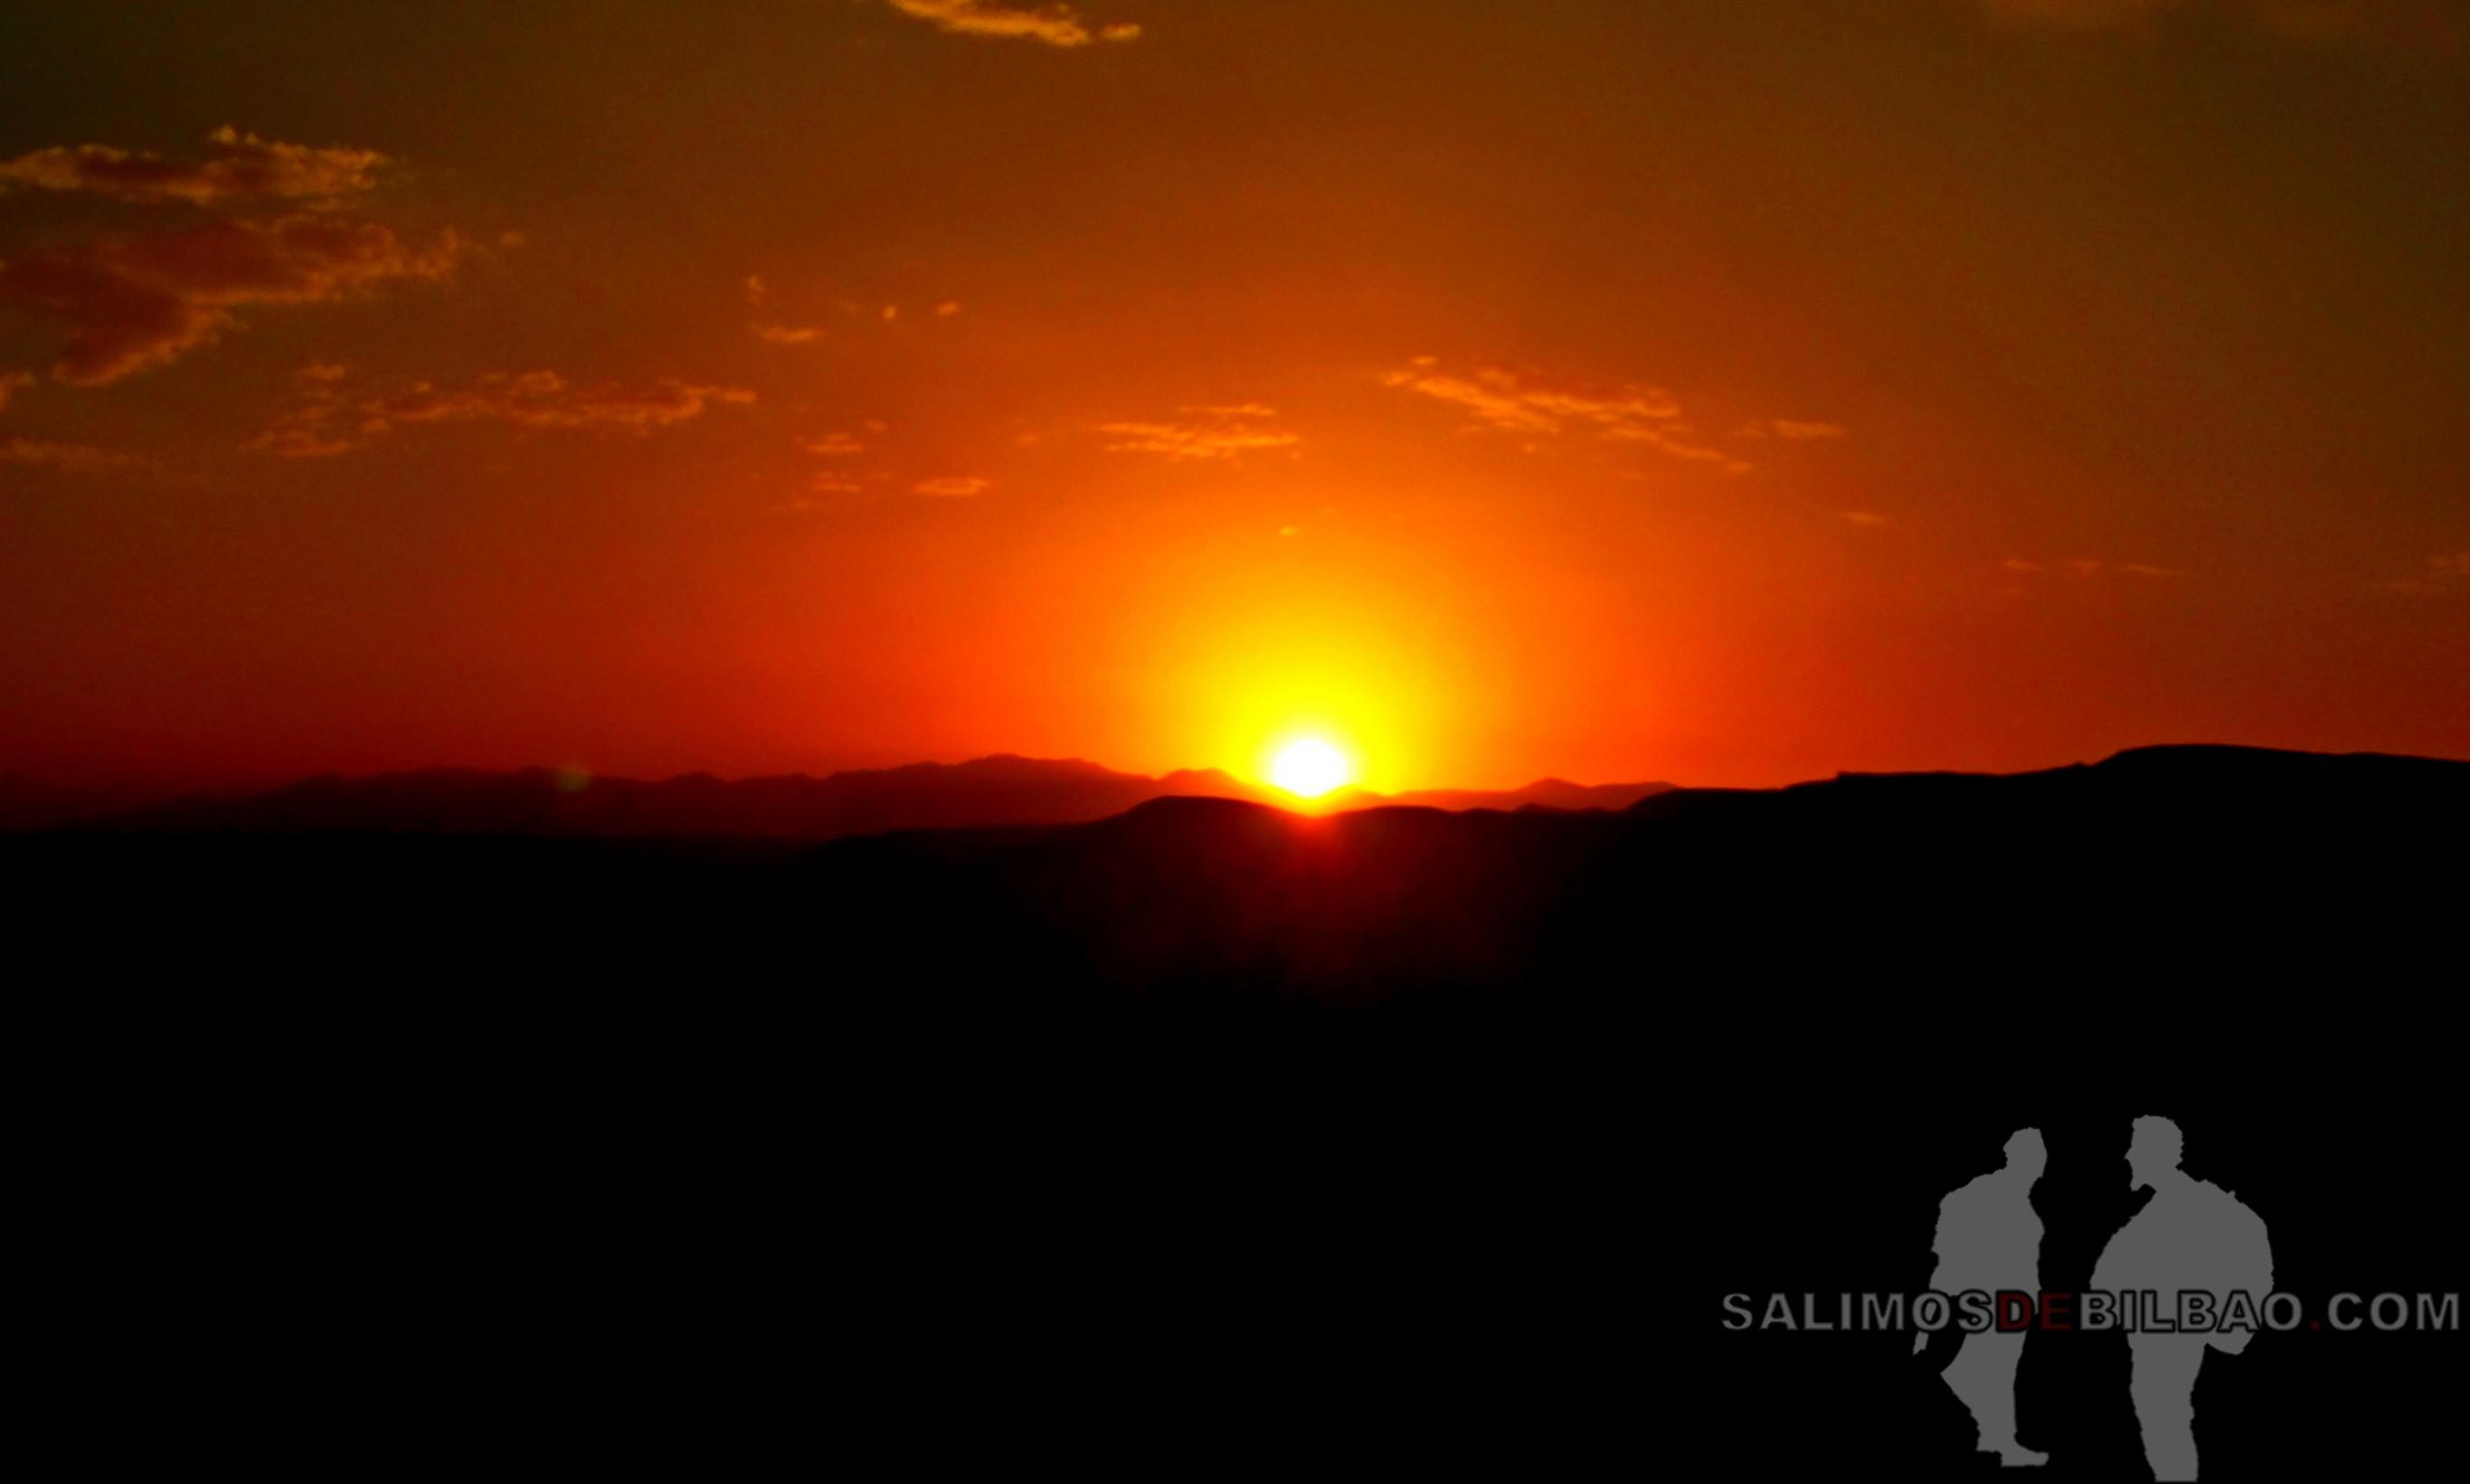 551. Pano, Puesta de sol, Vistas desde Kasbah Ait Ben Haddou